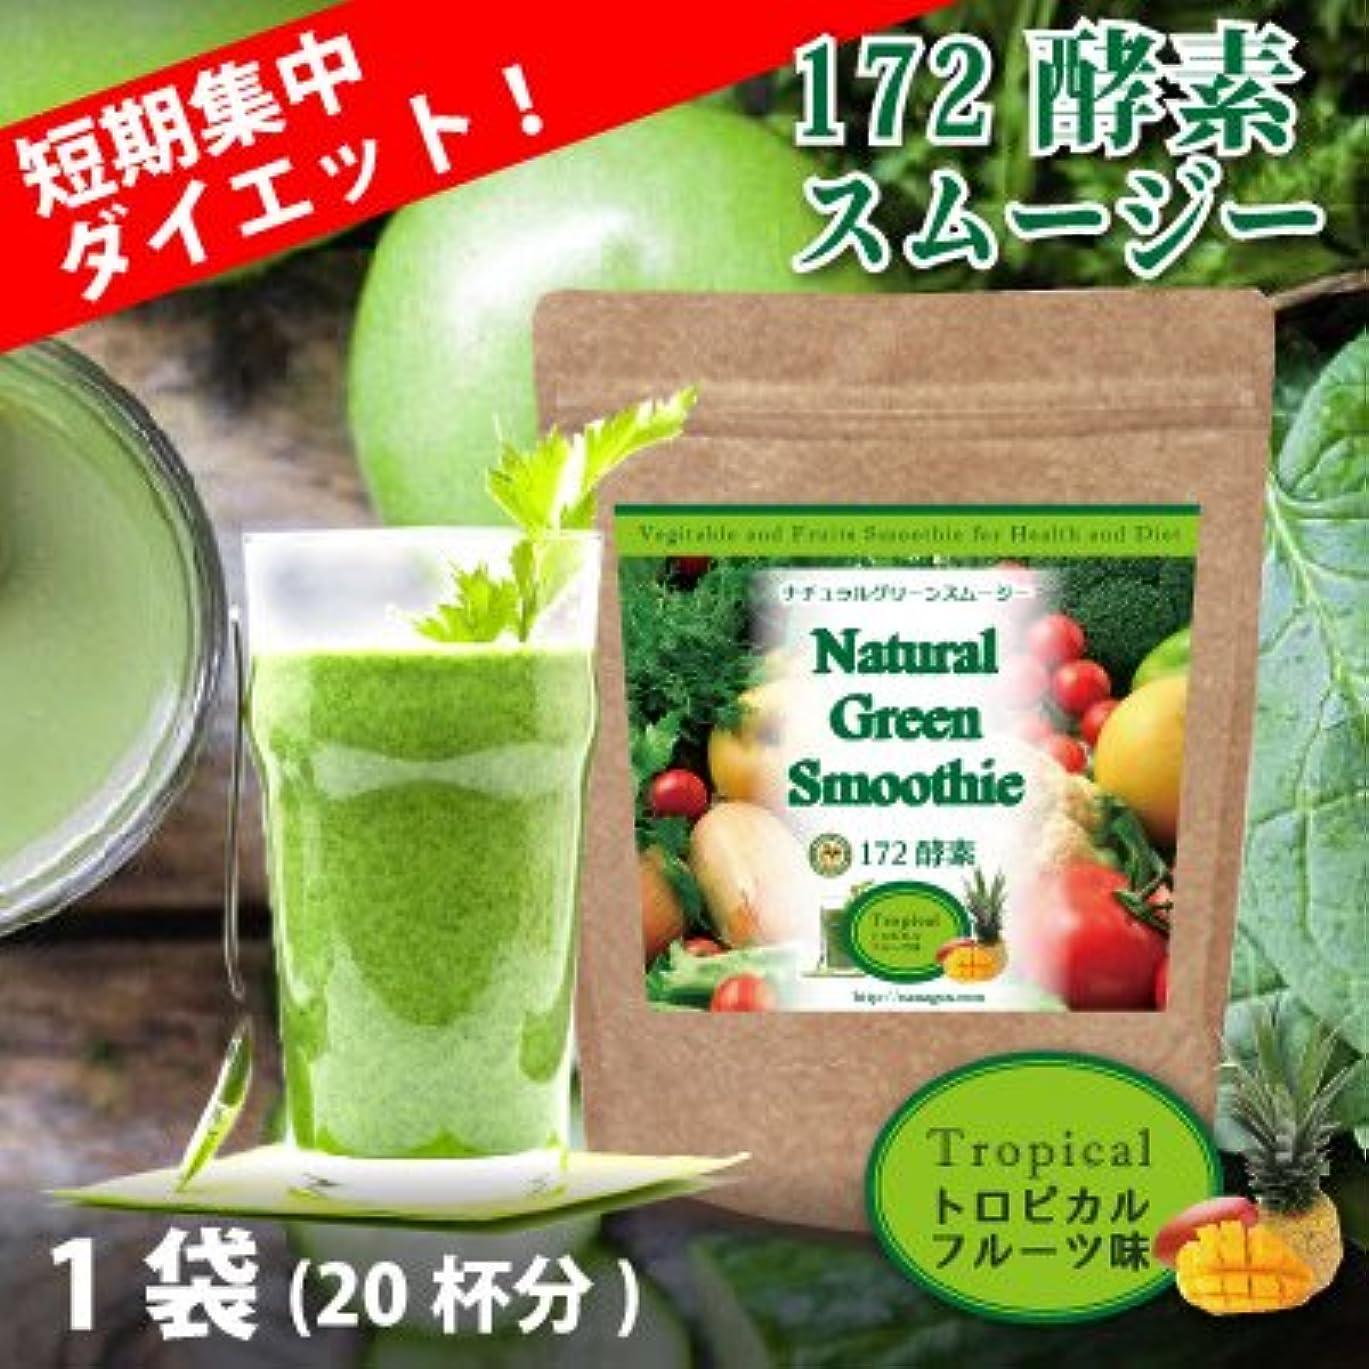 白鳥佐賀ベーコン【ダイエット】越中ななごん堂のナチュラルグリーンスムージー 置換え 172酵素 200g